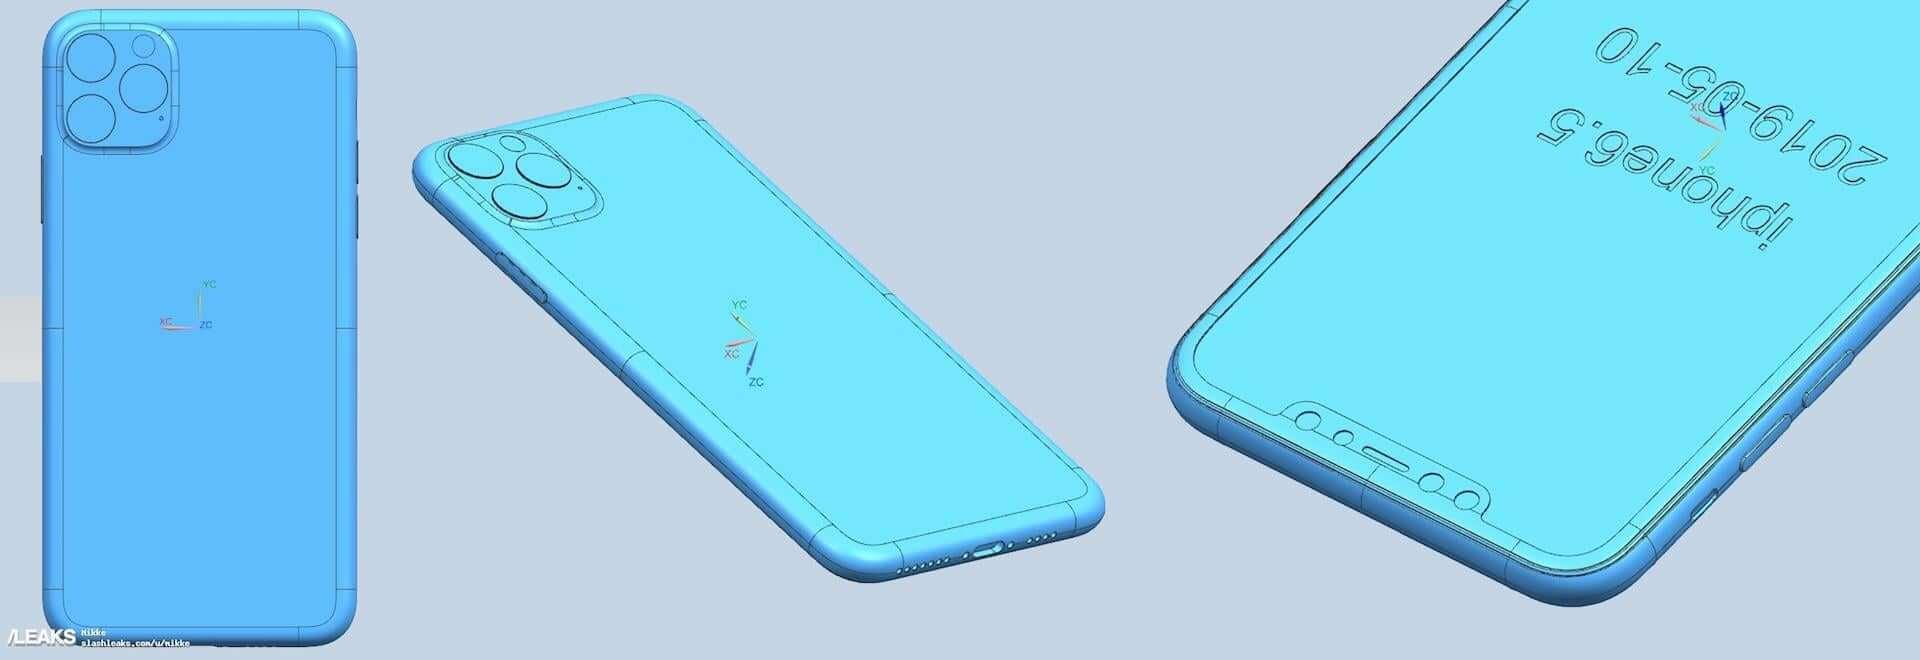 iPhone XIのCADレンダリング画像が公開|カメラはやはりトリプルカメラに? tech190702_iphone11_cad_2-1920x660